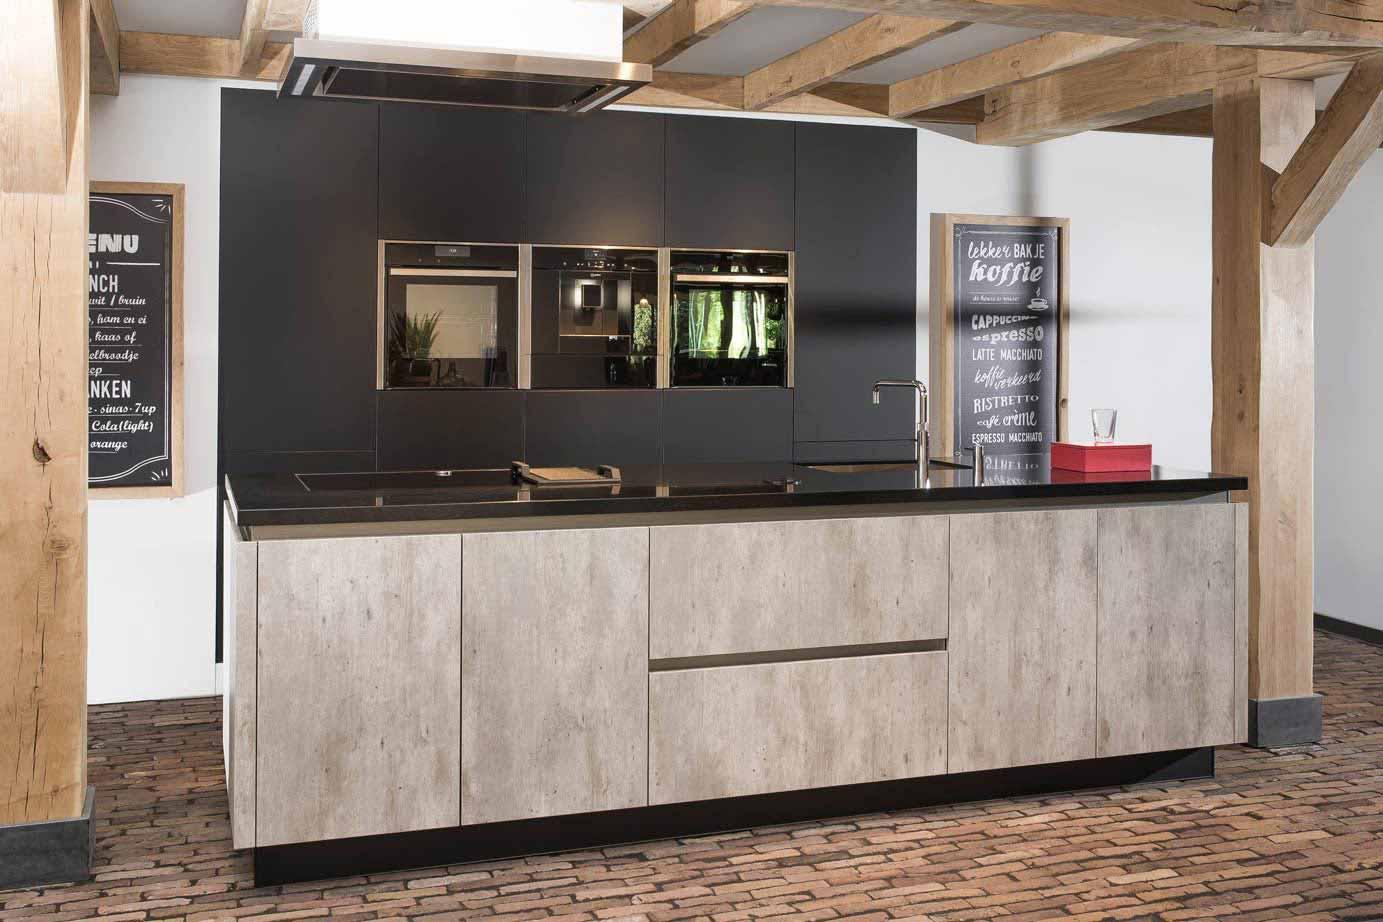 Klasse Keukens Leende : Onze luxe keukens zijn puur perfect en passend ardi